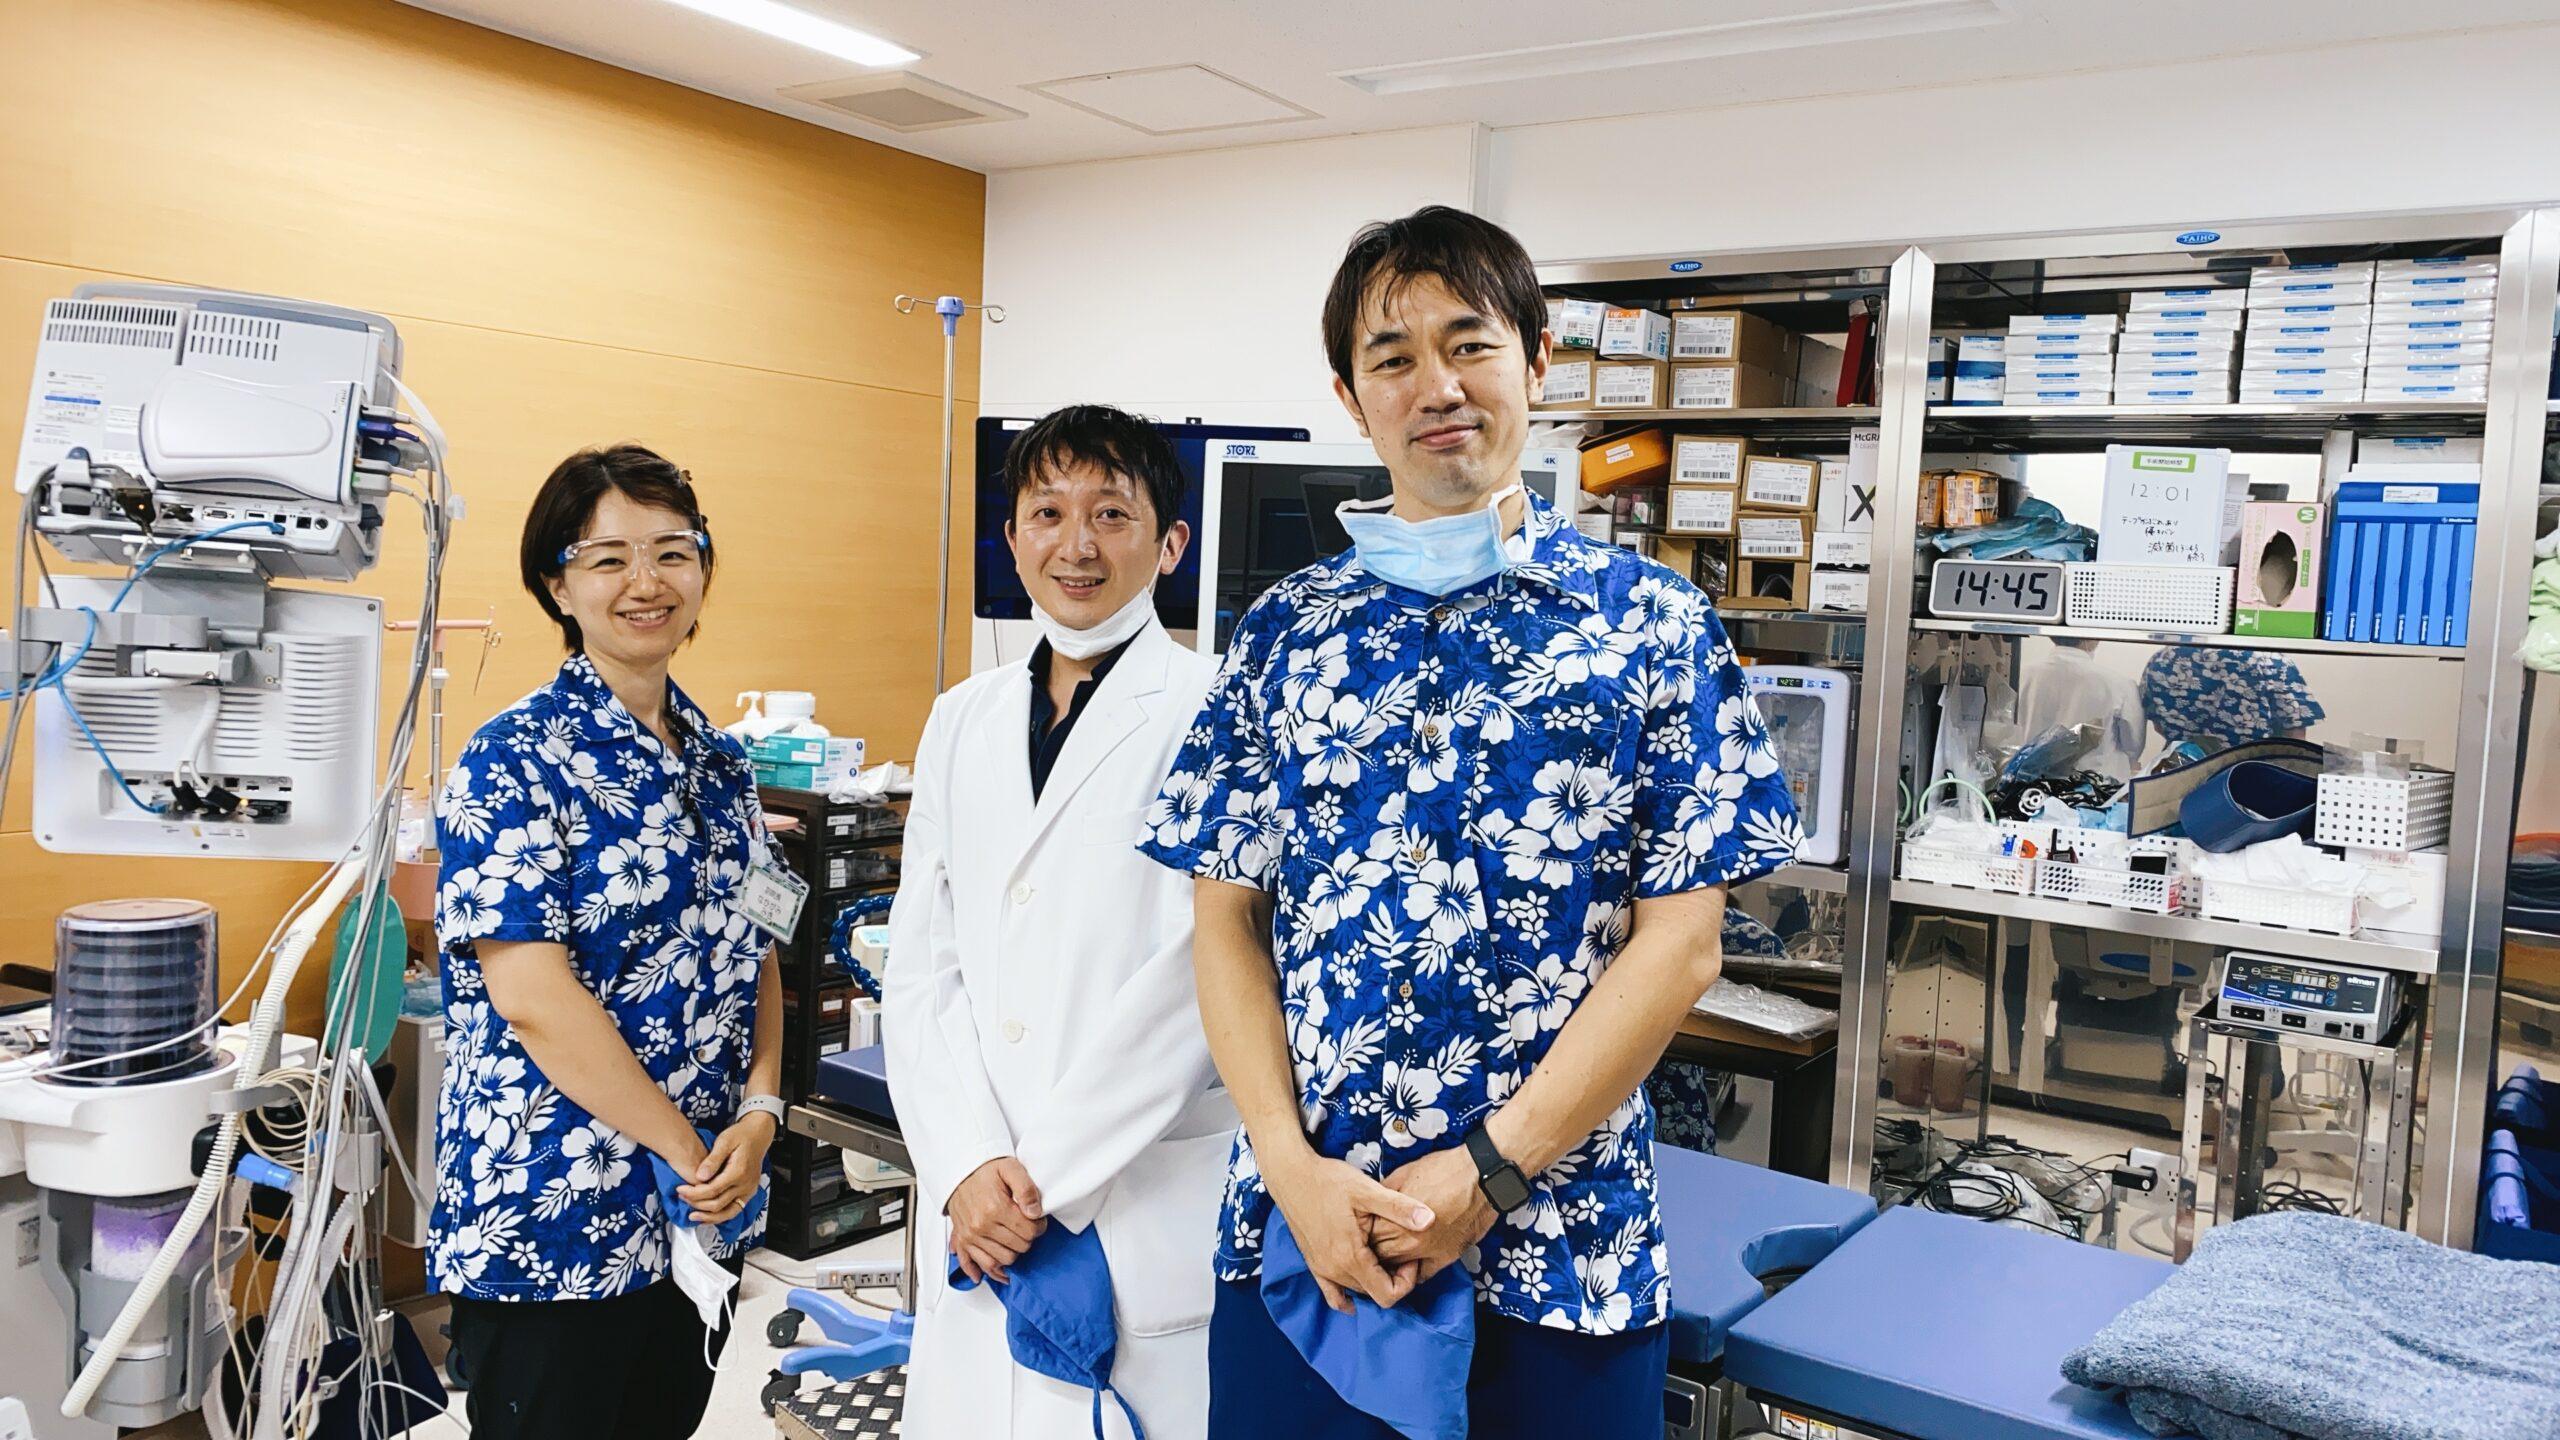 手術の見学④ スムーズな手術体制の構築